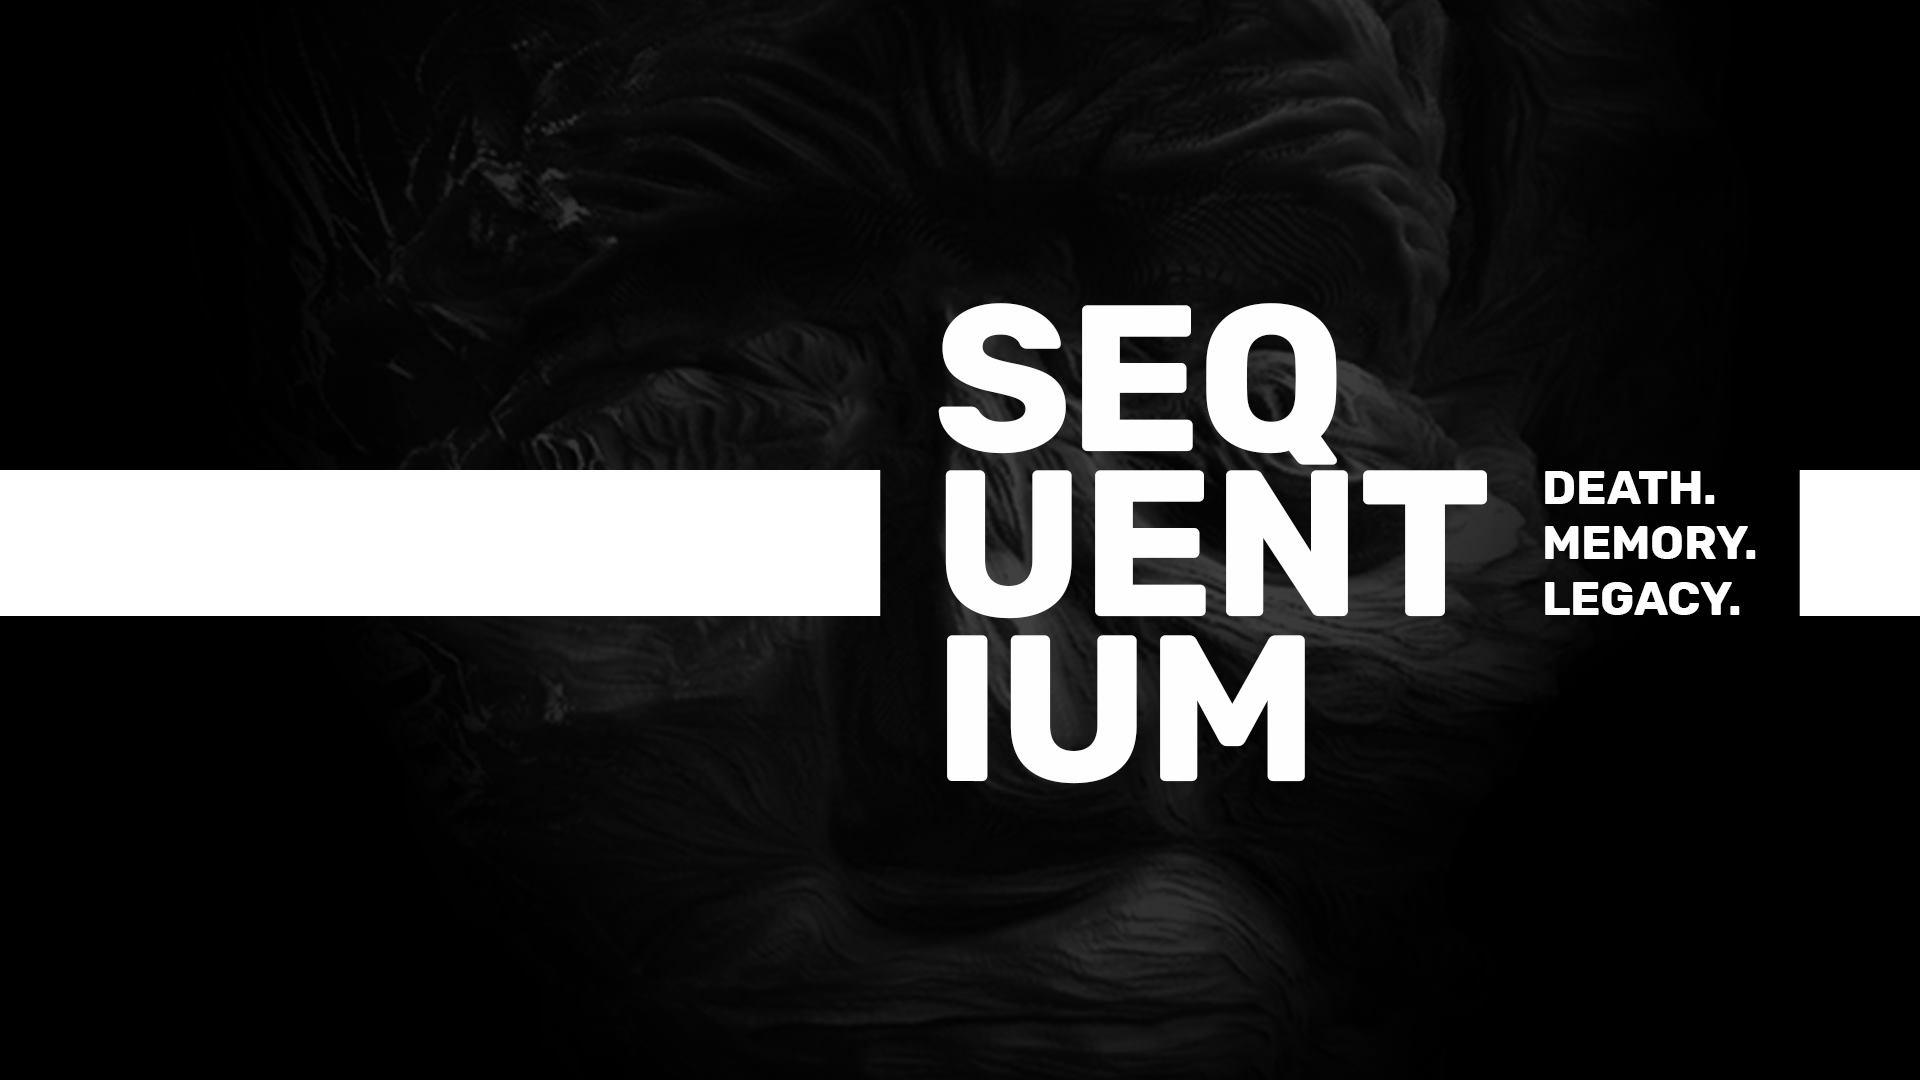 Sequentium